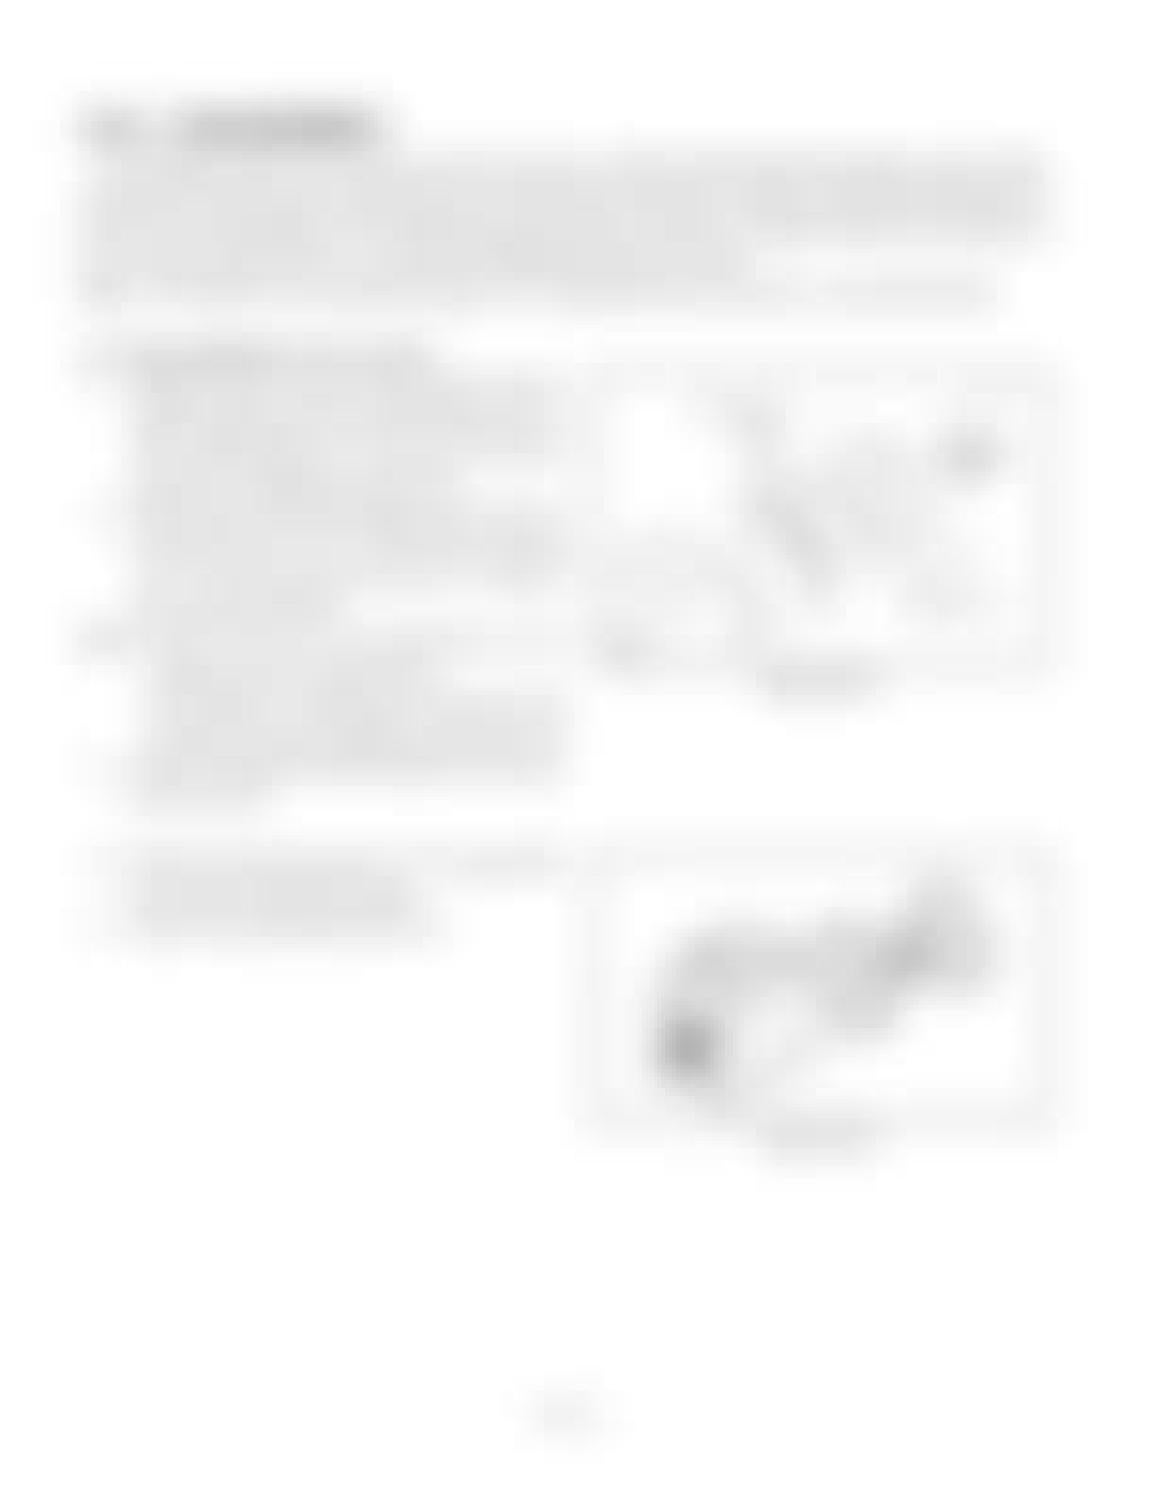 Hitachi LX110-7 LX130-7 LX160-7 LX190-7 LX230-7 Wheel Loader Workshop Manual - PDF DOWNLOAD page 284